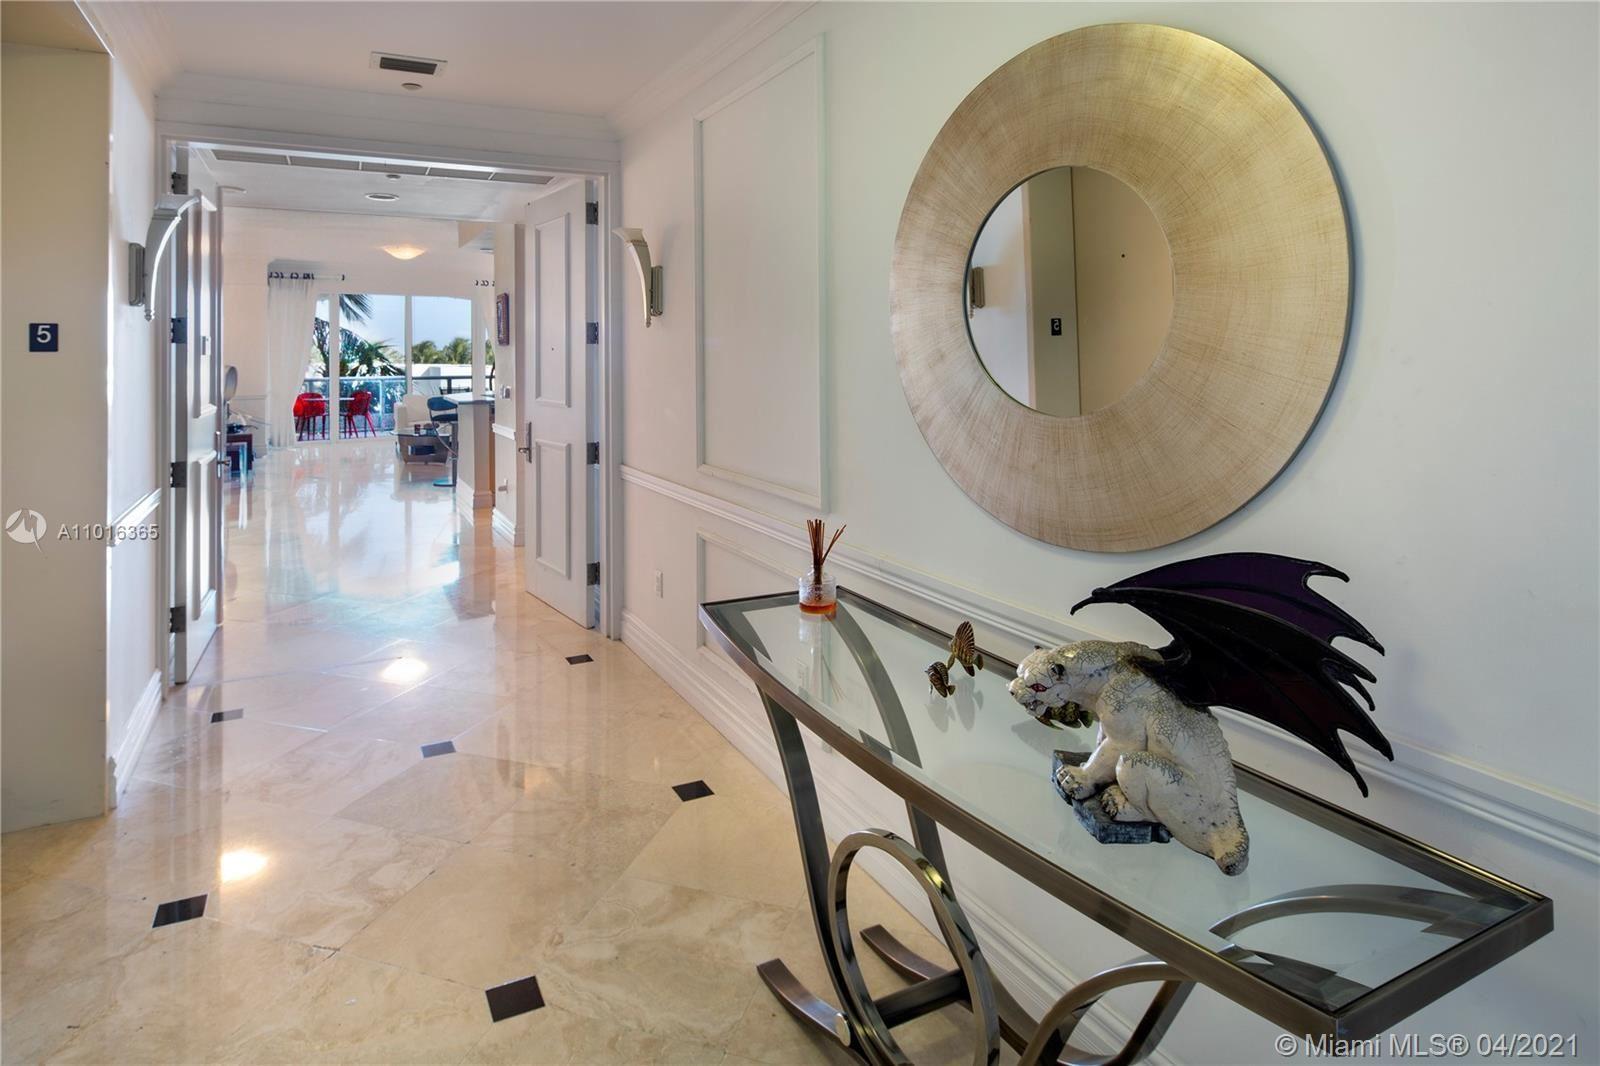 100 S Pointe Dr #508, Miami Beach, FL 33139 - #: A11016365